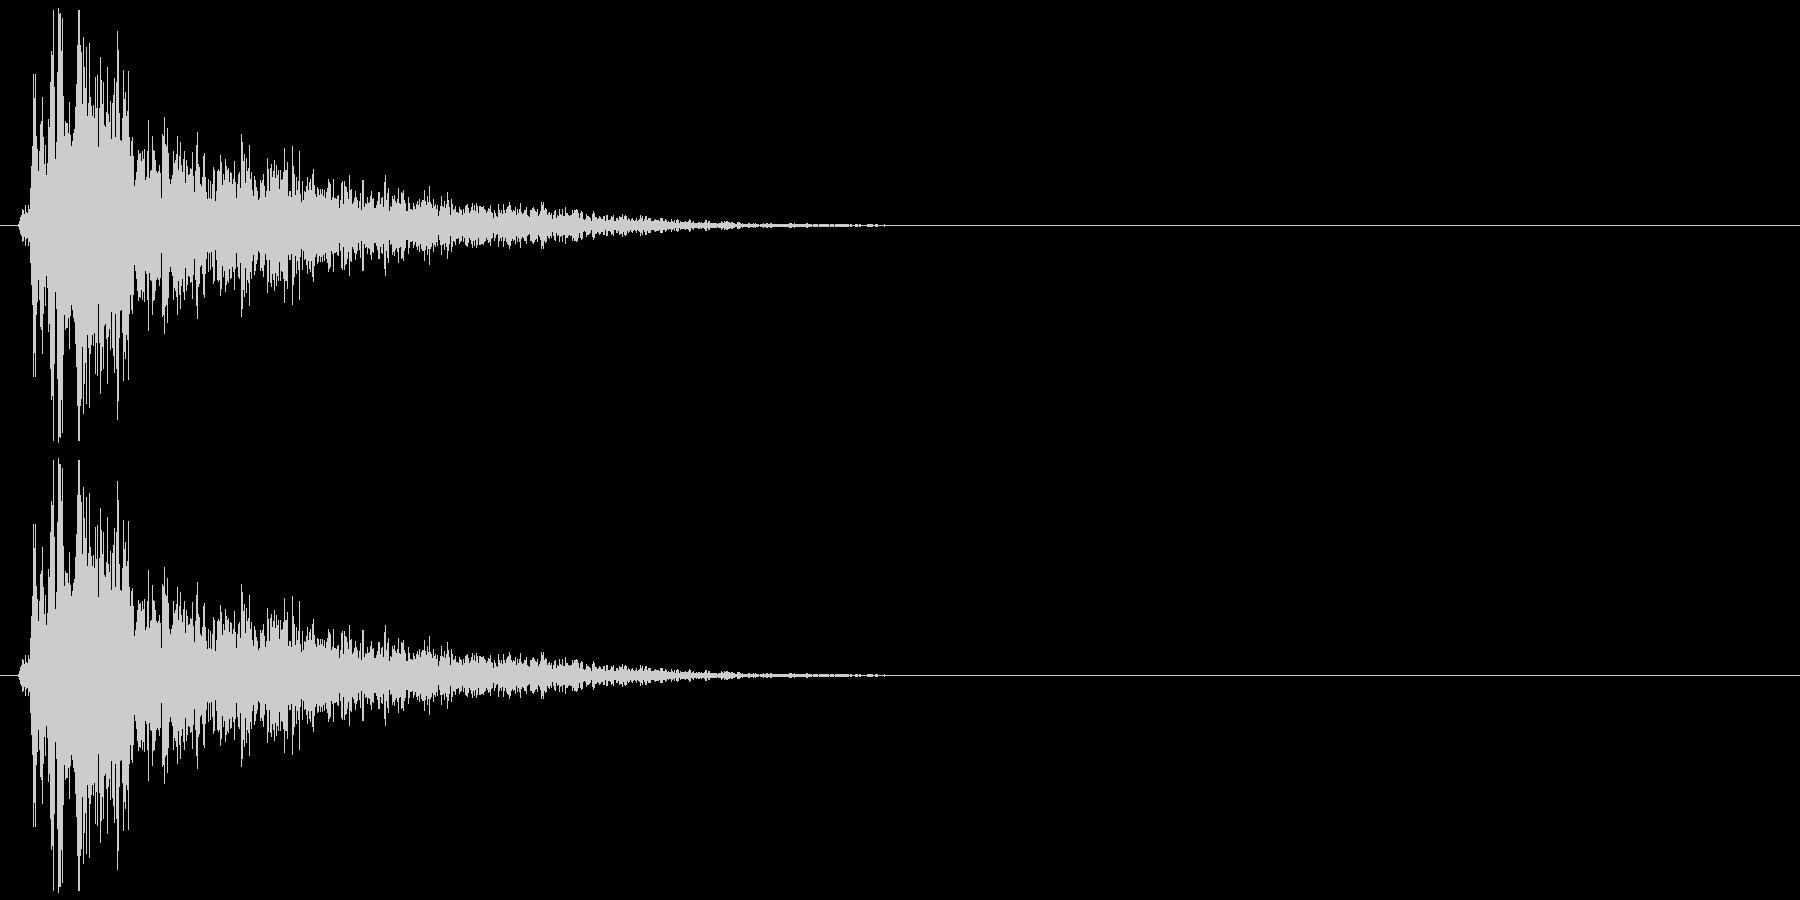 ダメージ音12の未再生の波形